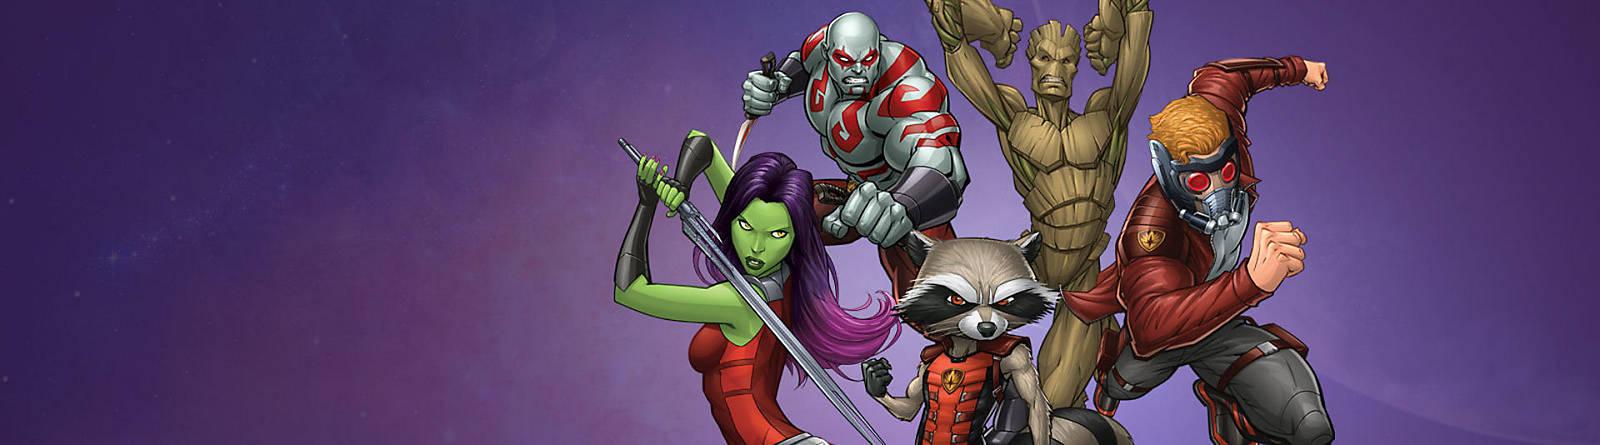 Les Gardiens de la Galaxie Enfilez votre tenue de super-héros et plongez au cœur de l'action, en mission dans le cosmos avec Les Gardiens de la Galaxie !